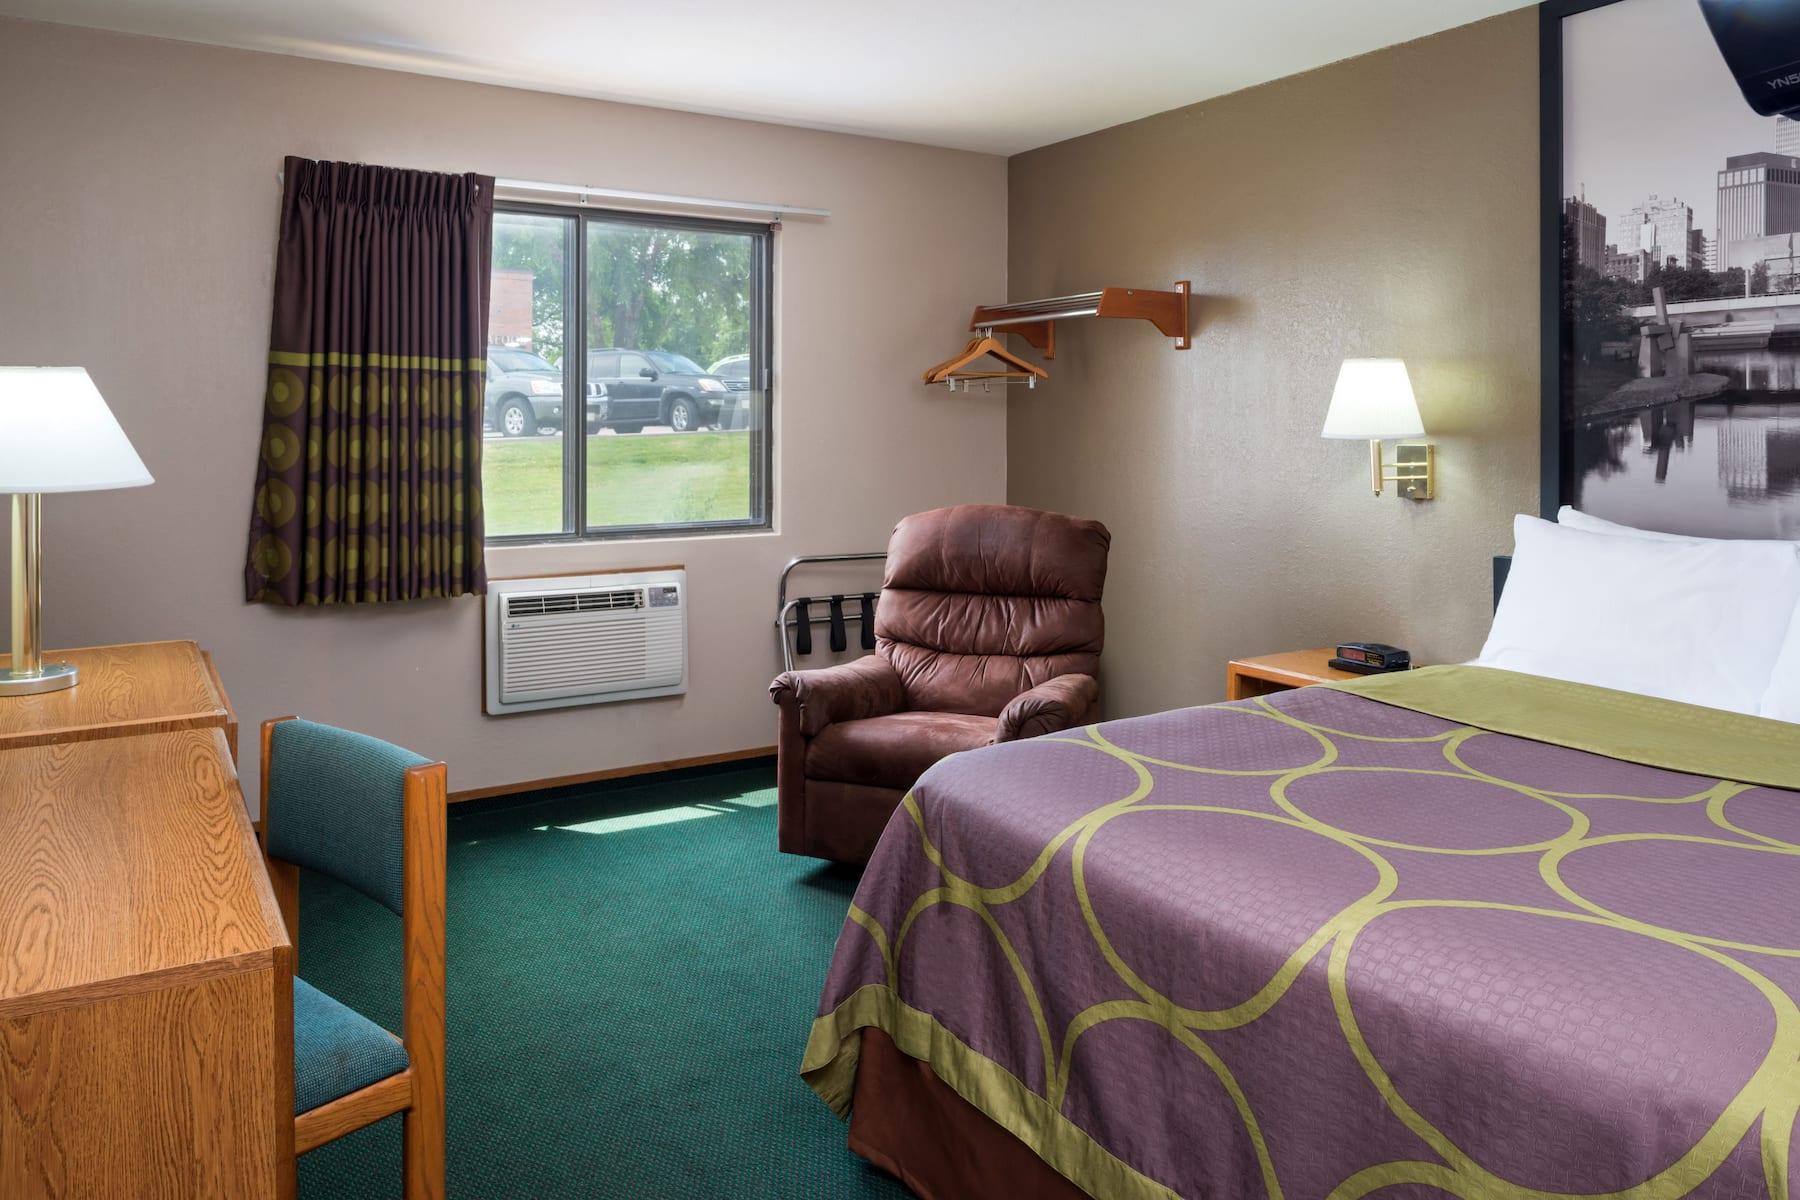 Super 8 By Wyndham Omaha Ne Omaha Ne Hotels